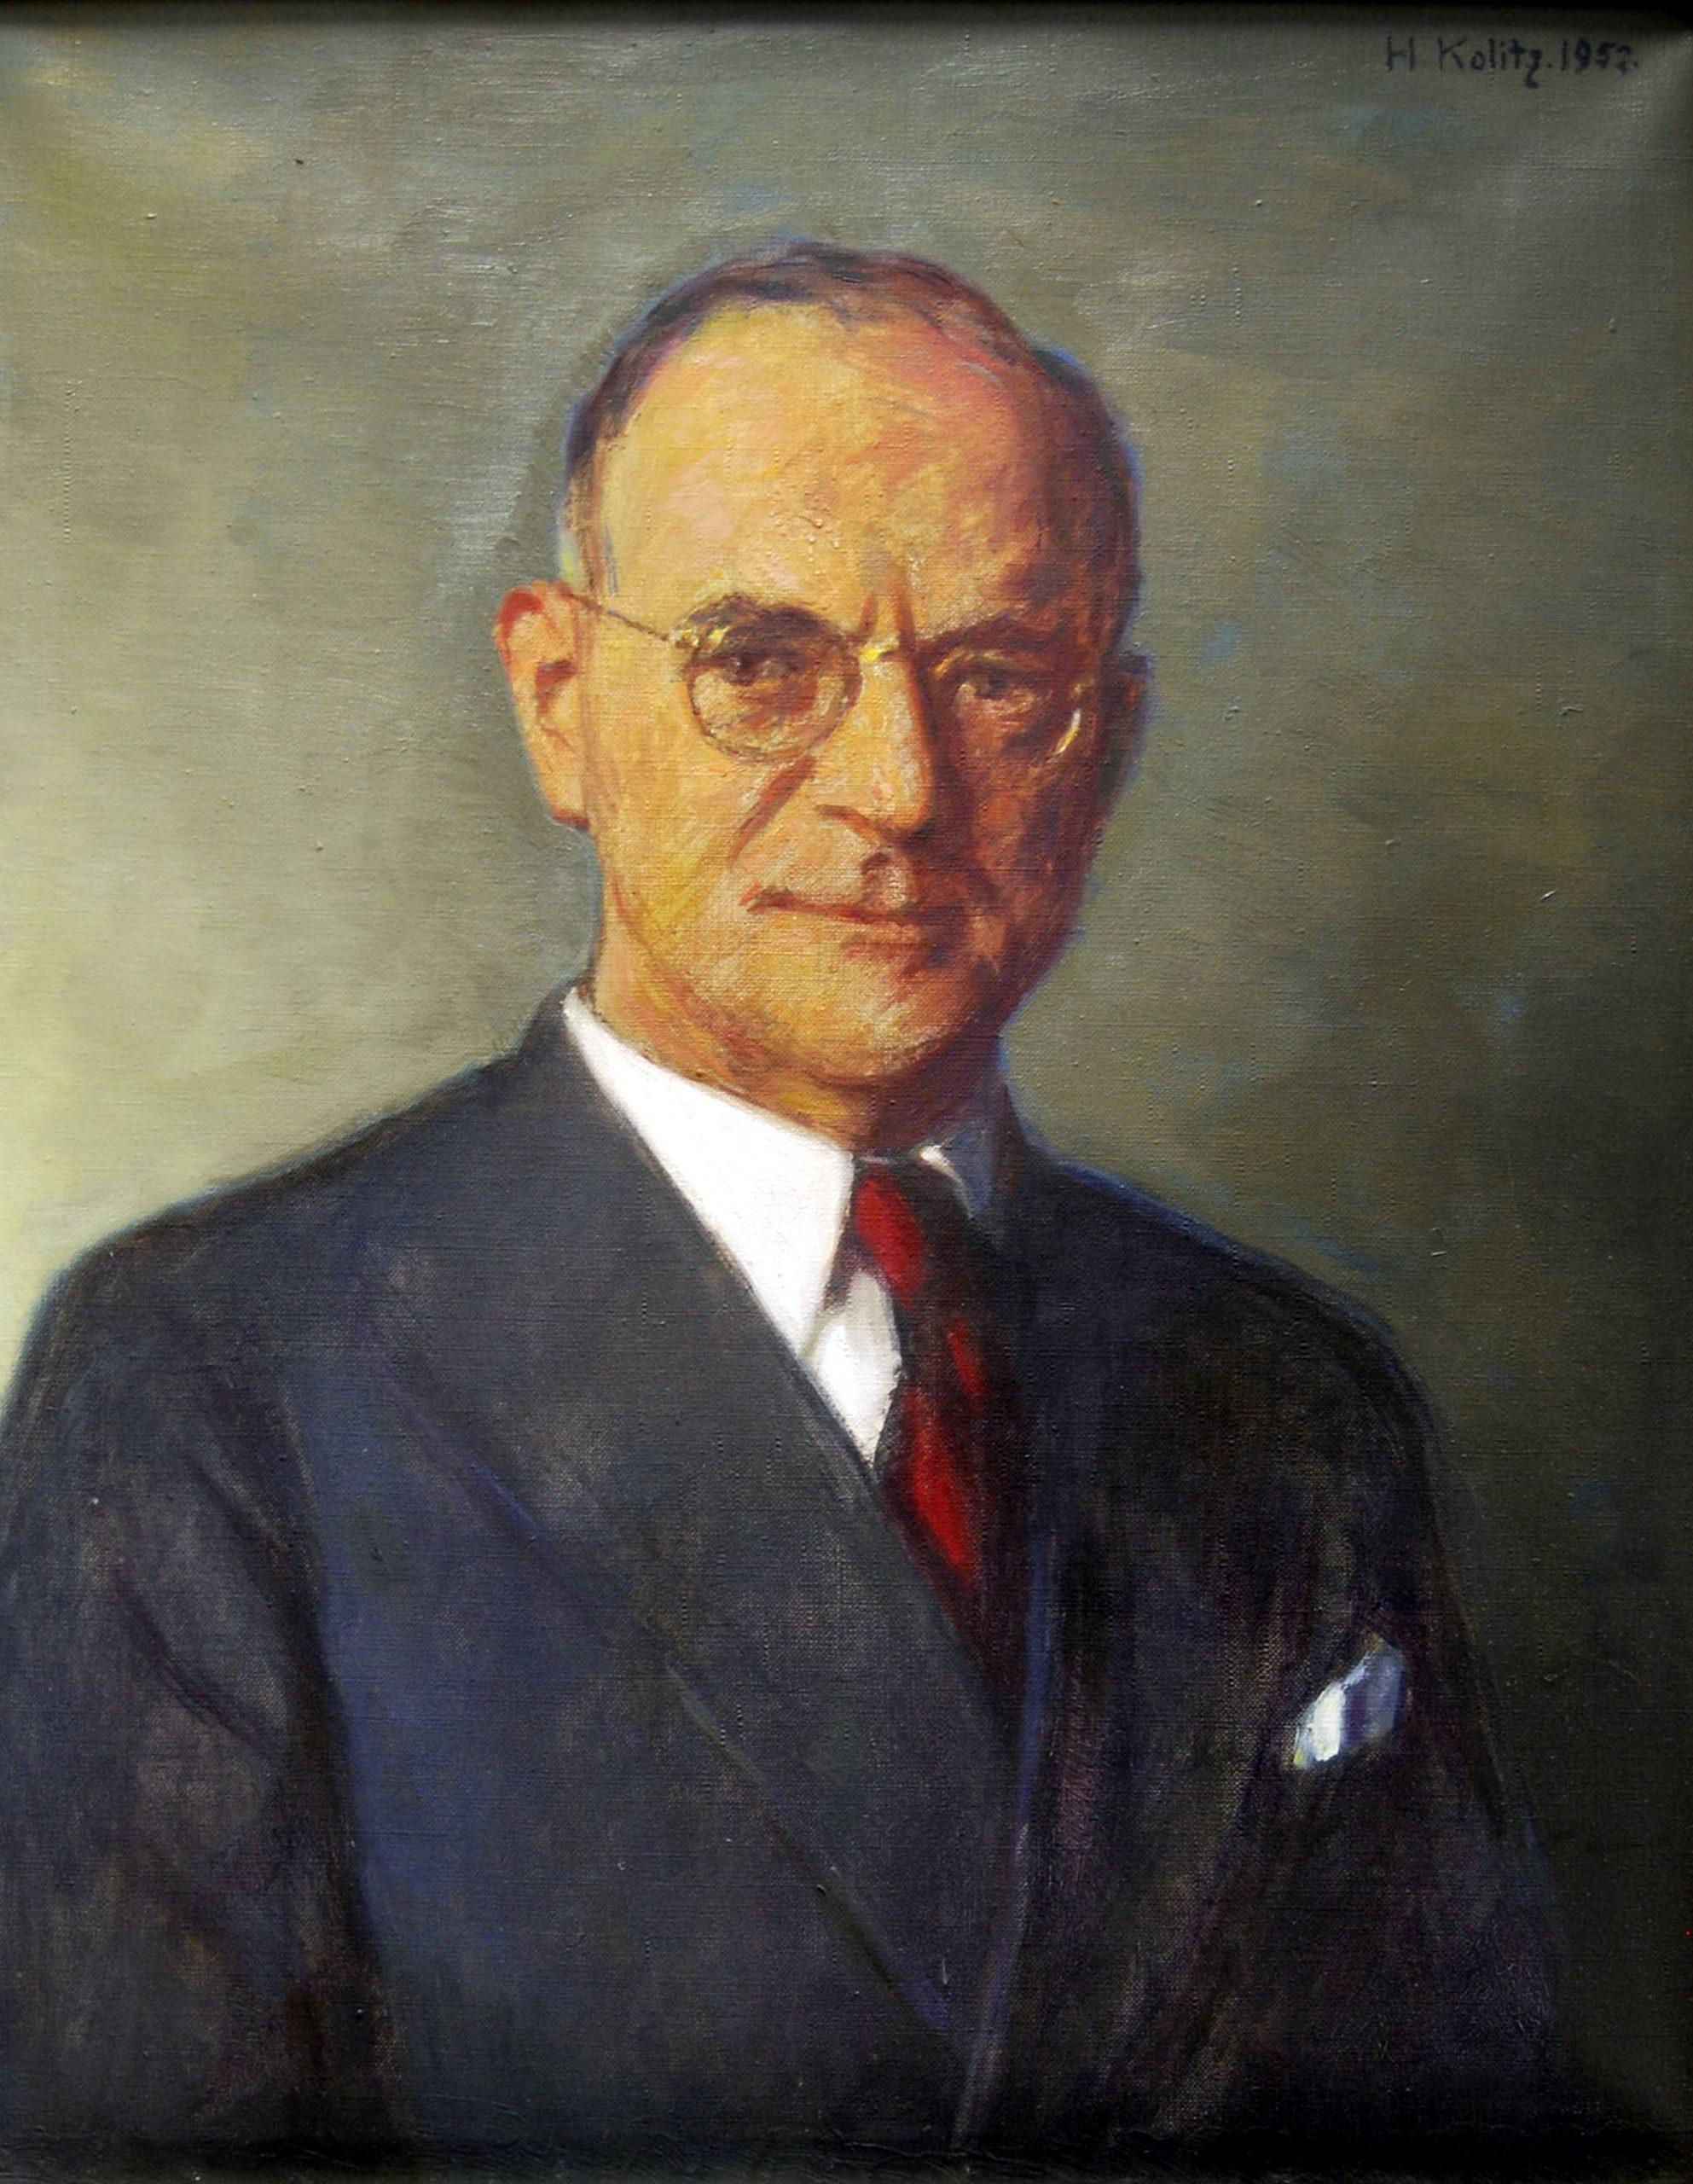 Der Vorstandsvorsitzende Hermann Jeddicke